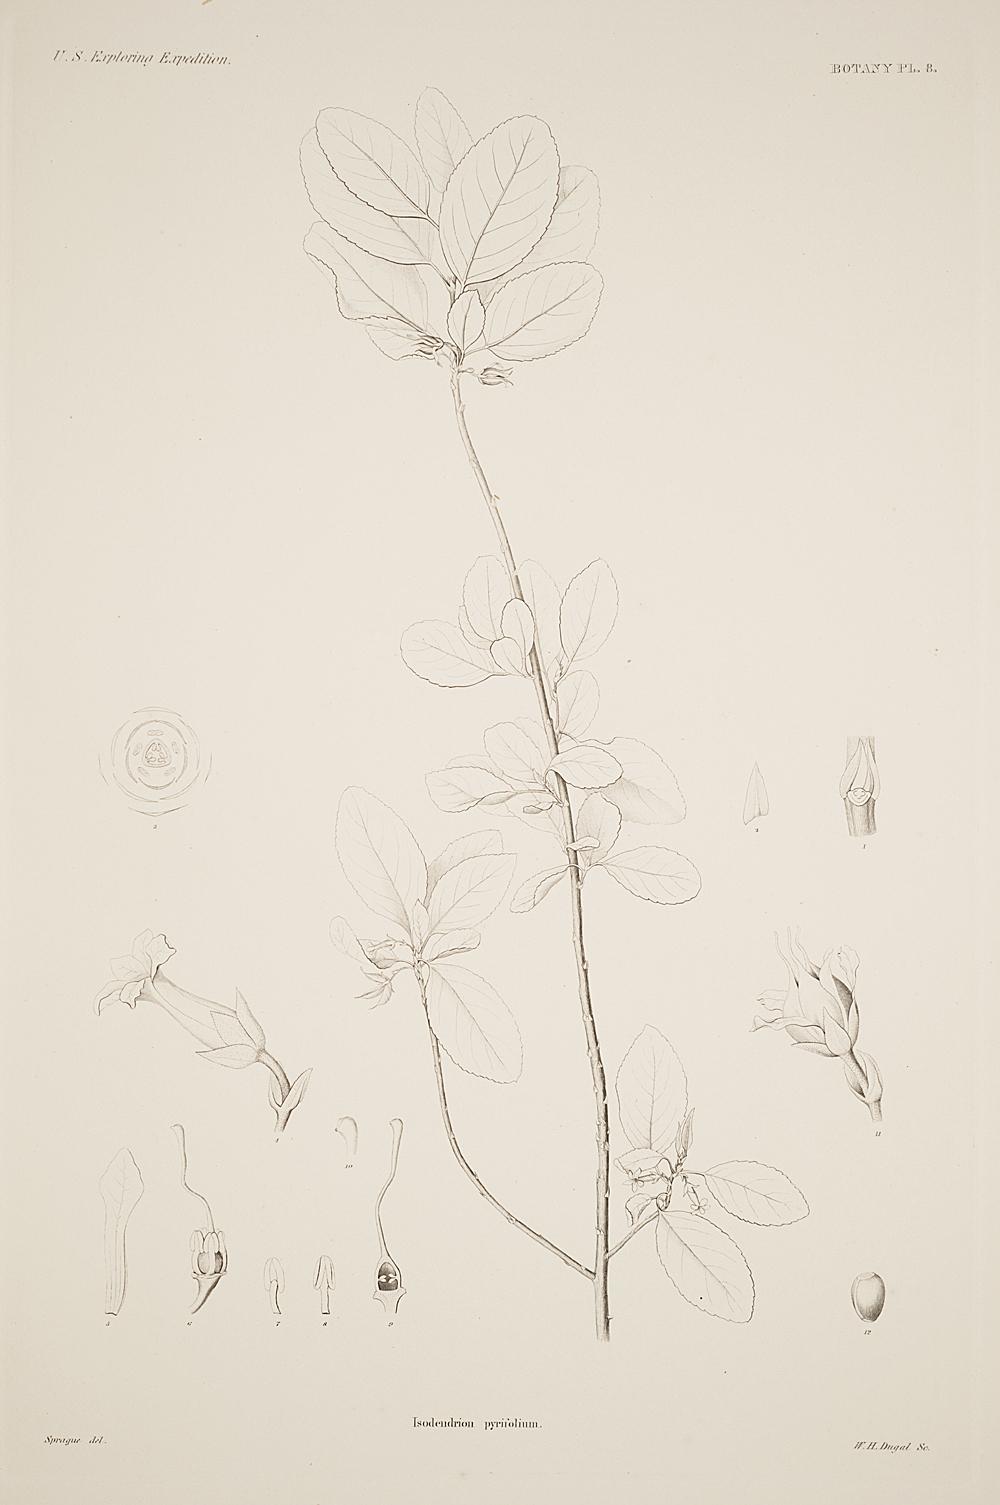 Botany, Pl. 8,  Image number:sil19-23-027b